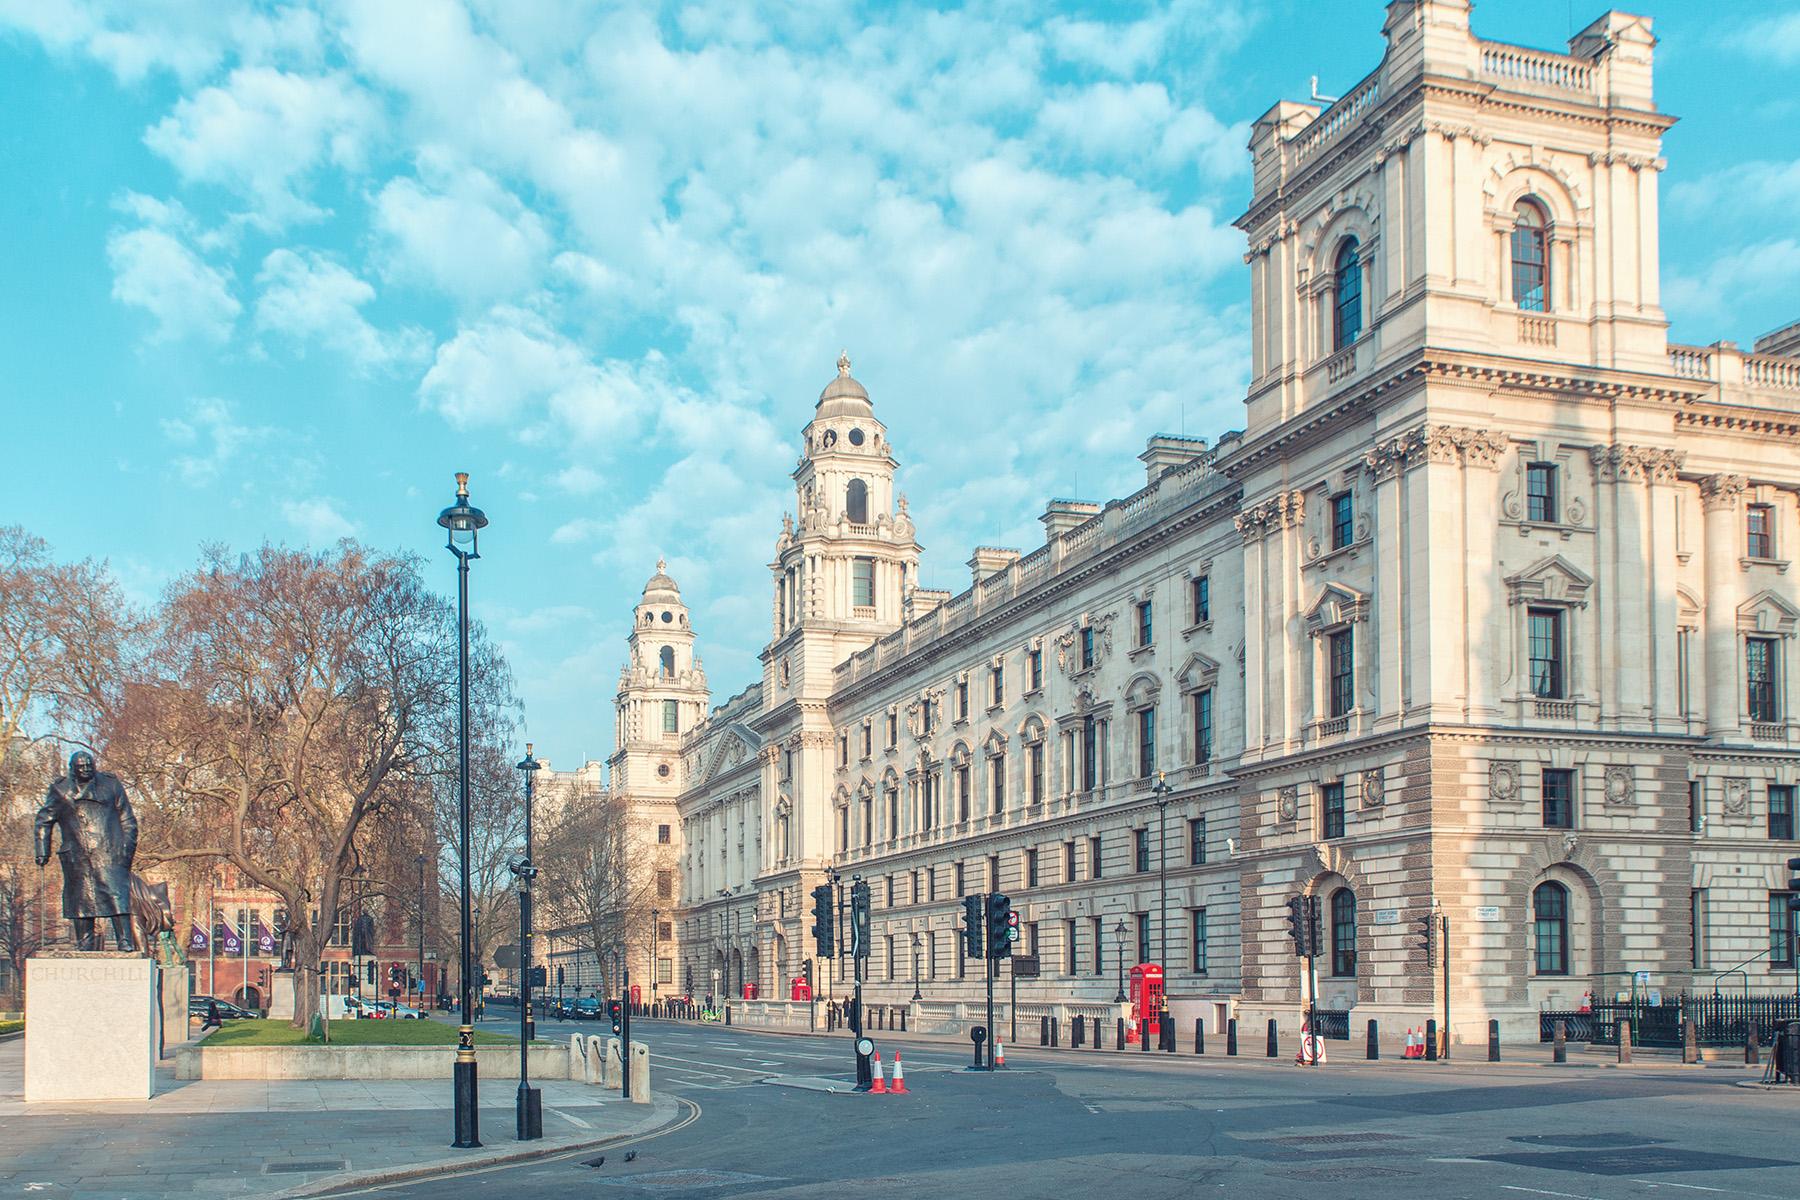 HMRC headquarters in London